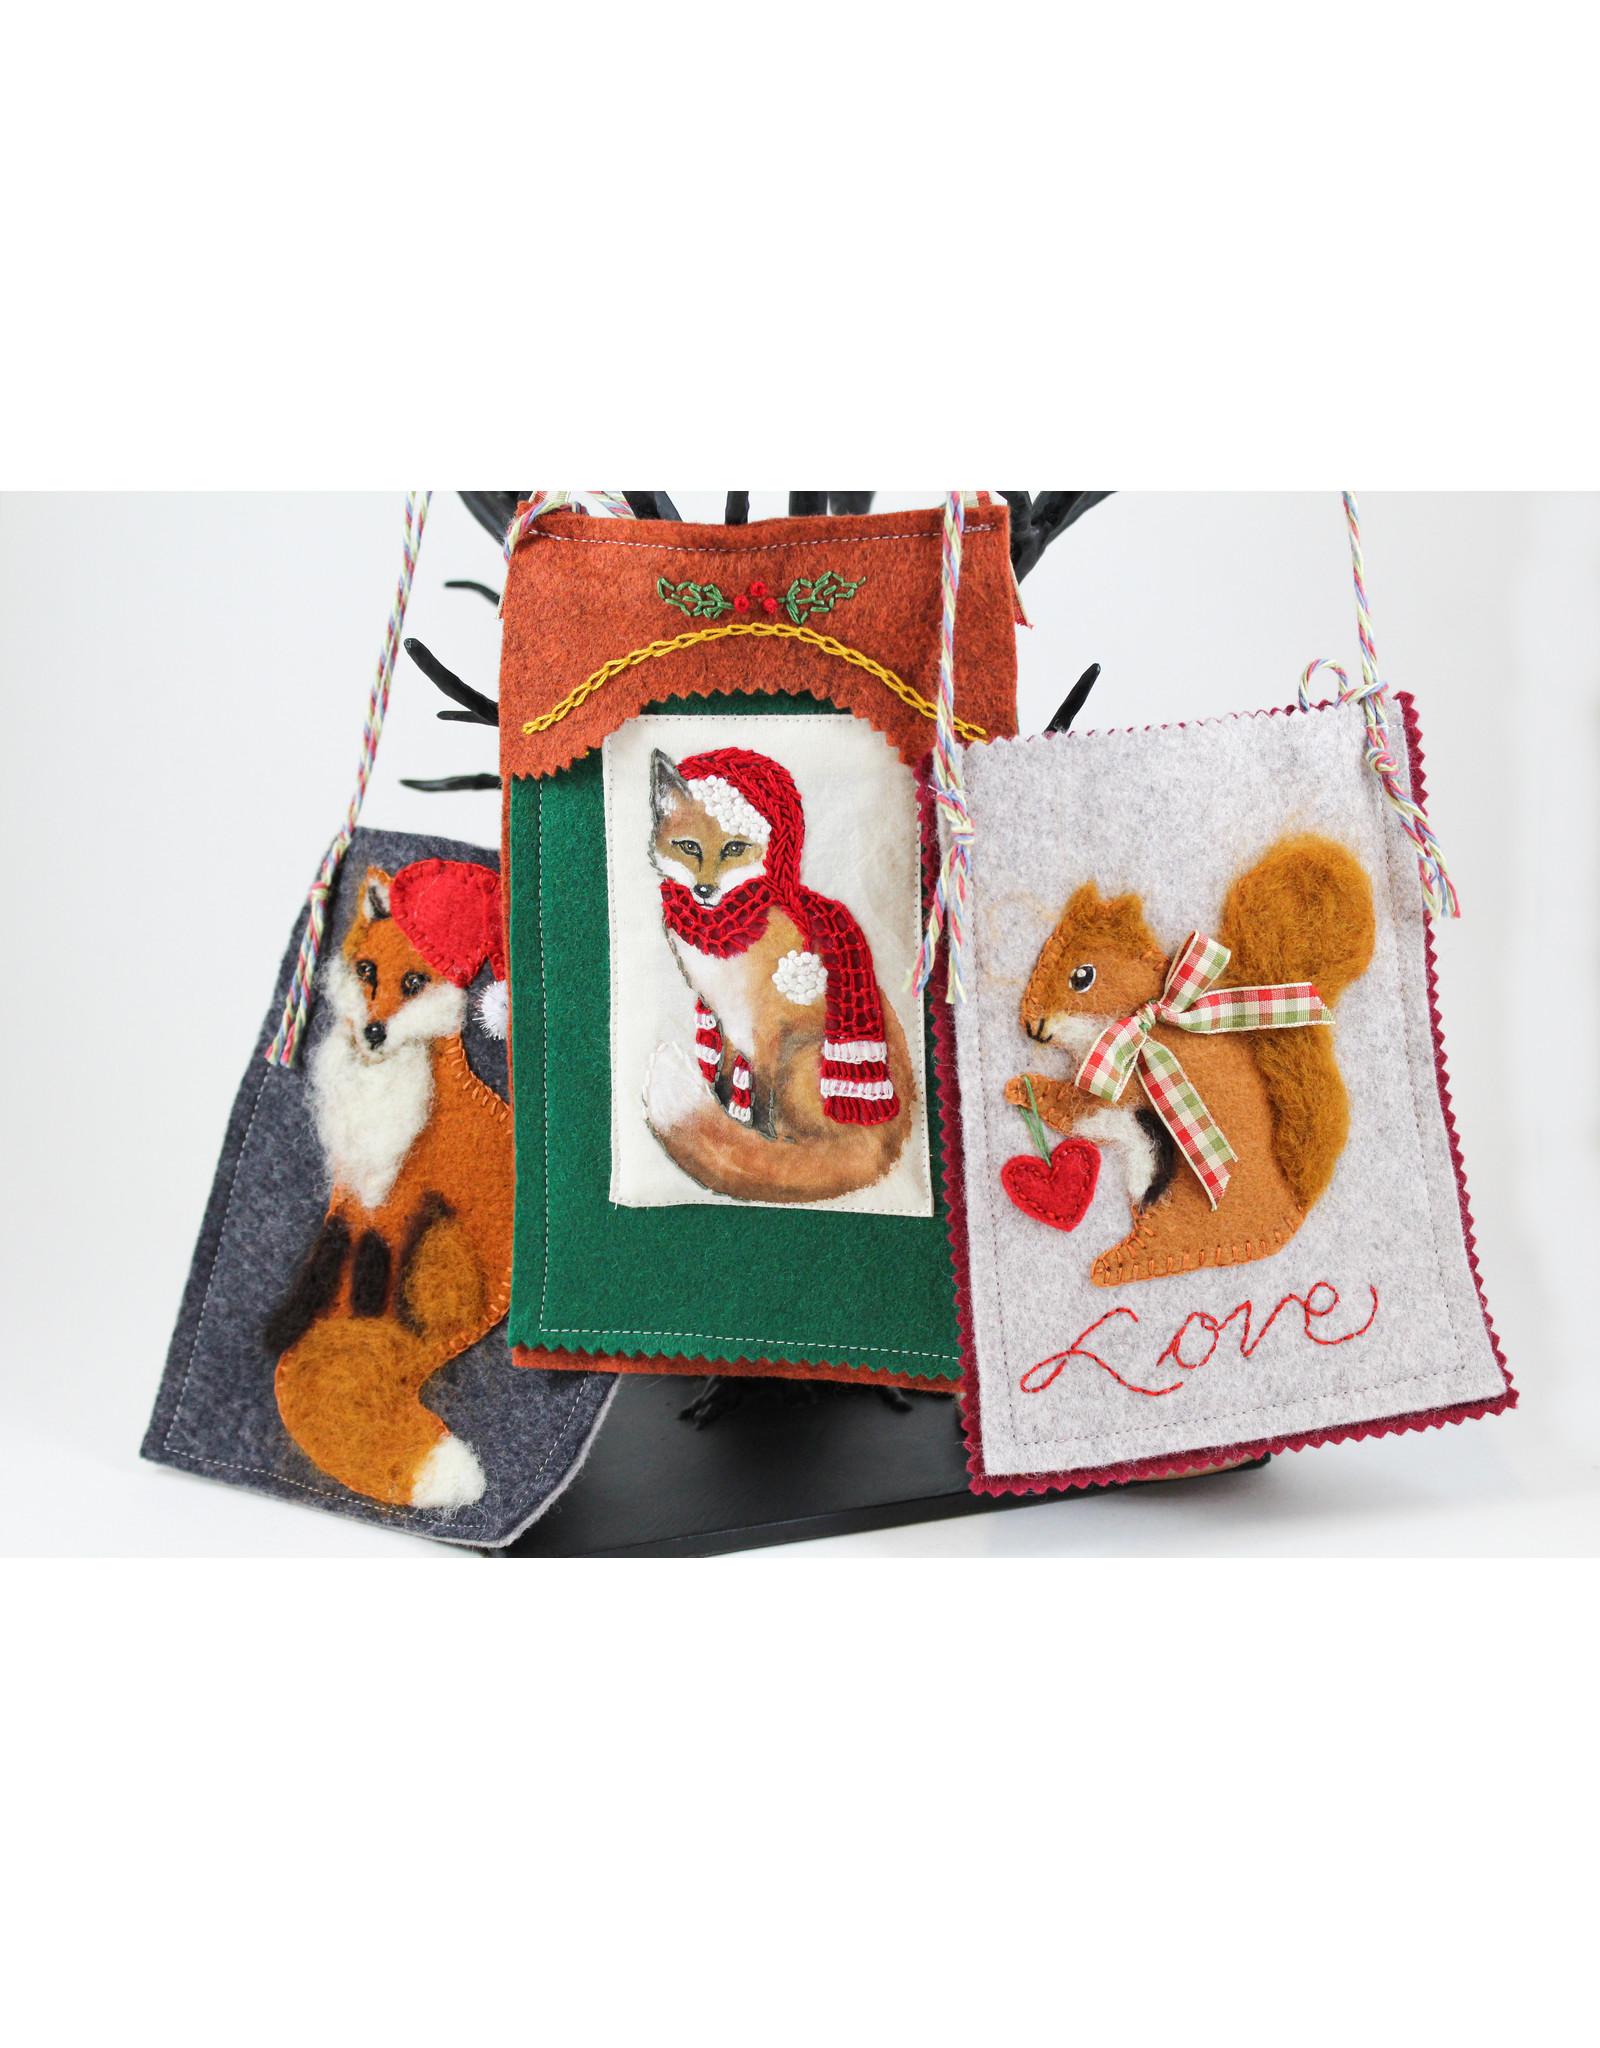 Virginia Donovan Felt Bags by Virginia Donovan